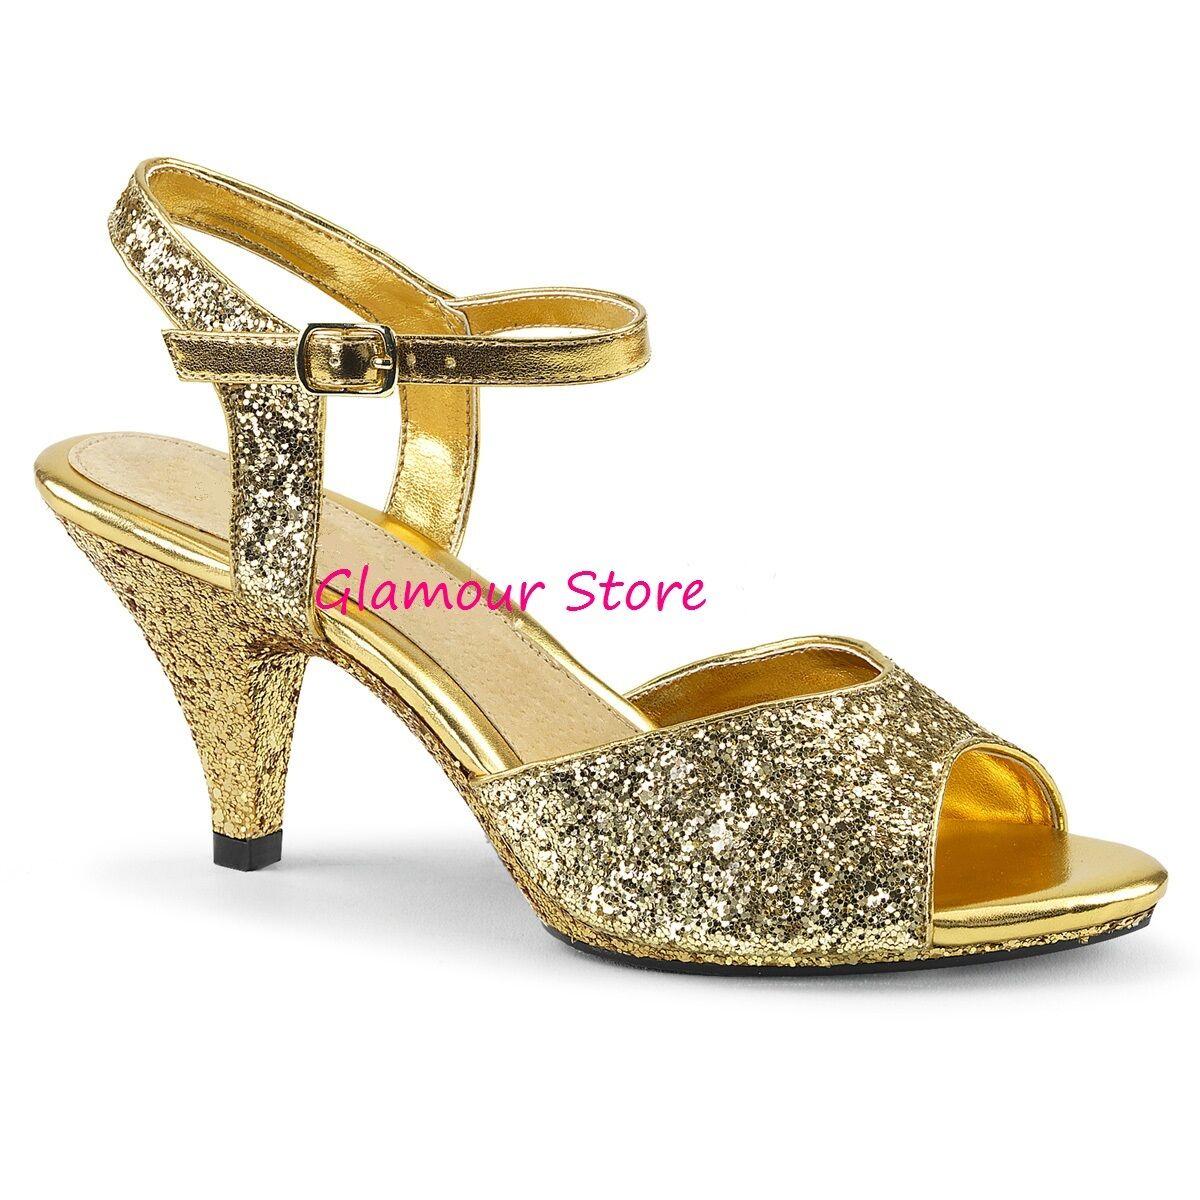 Sexiga Glitter Sandals häl 7,5 från 35 till 46 guld Strap skor Glamour